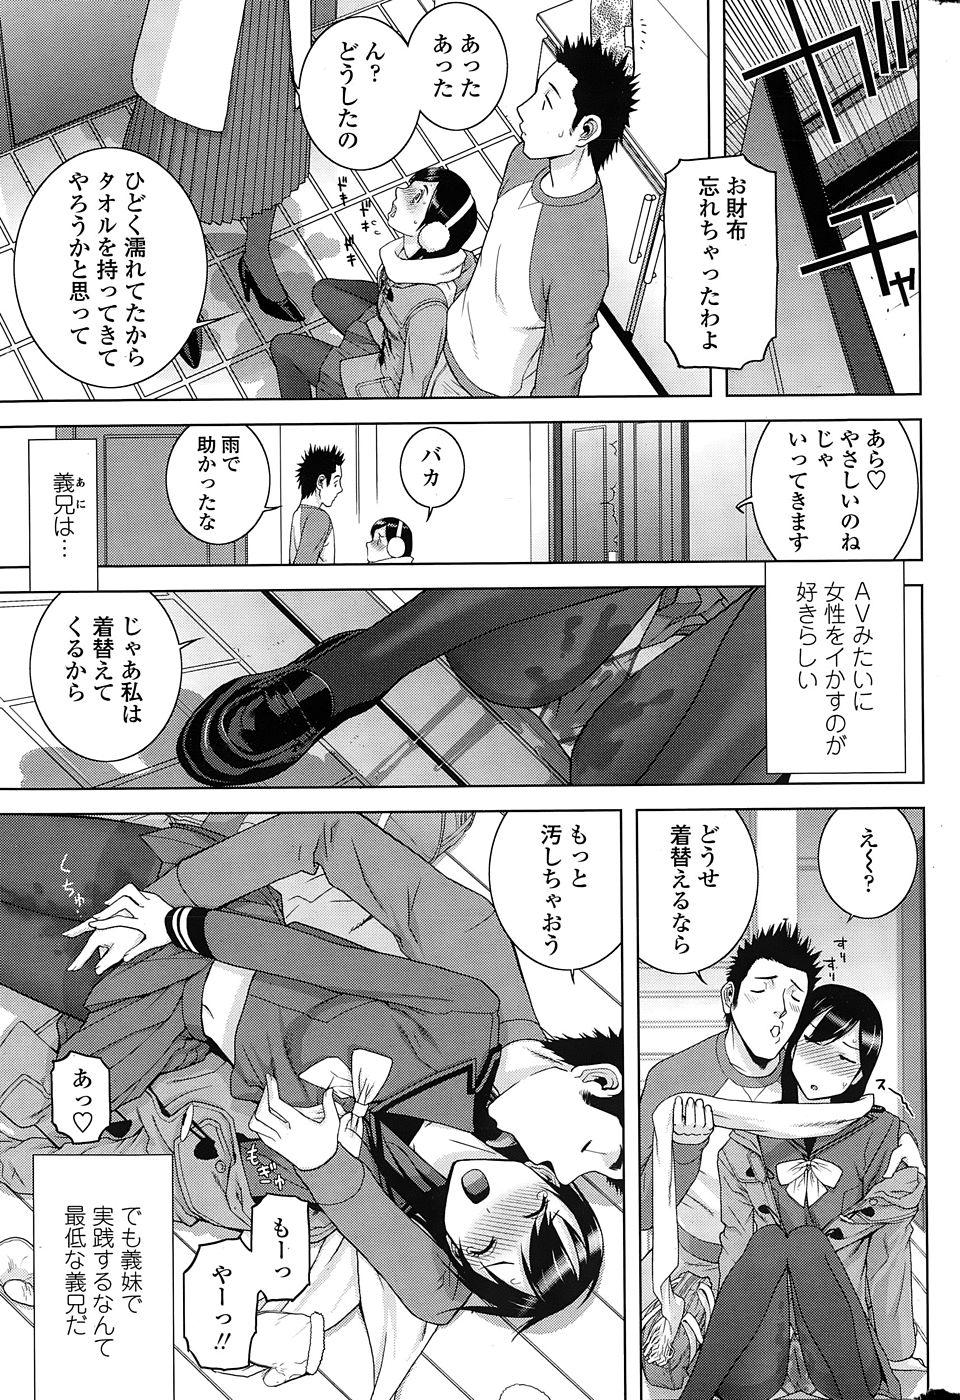 【エロ漫画・エロ同人】AVみたいに女をイカせるのが好きな義兄にイカされまくる巨乳義妹www3)